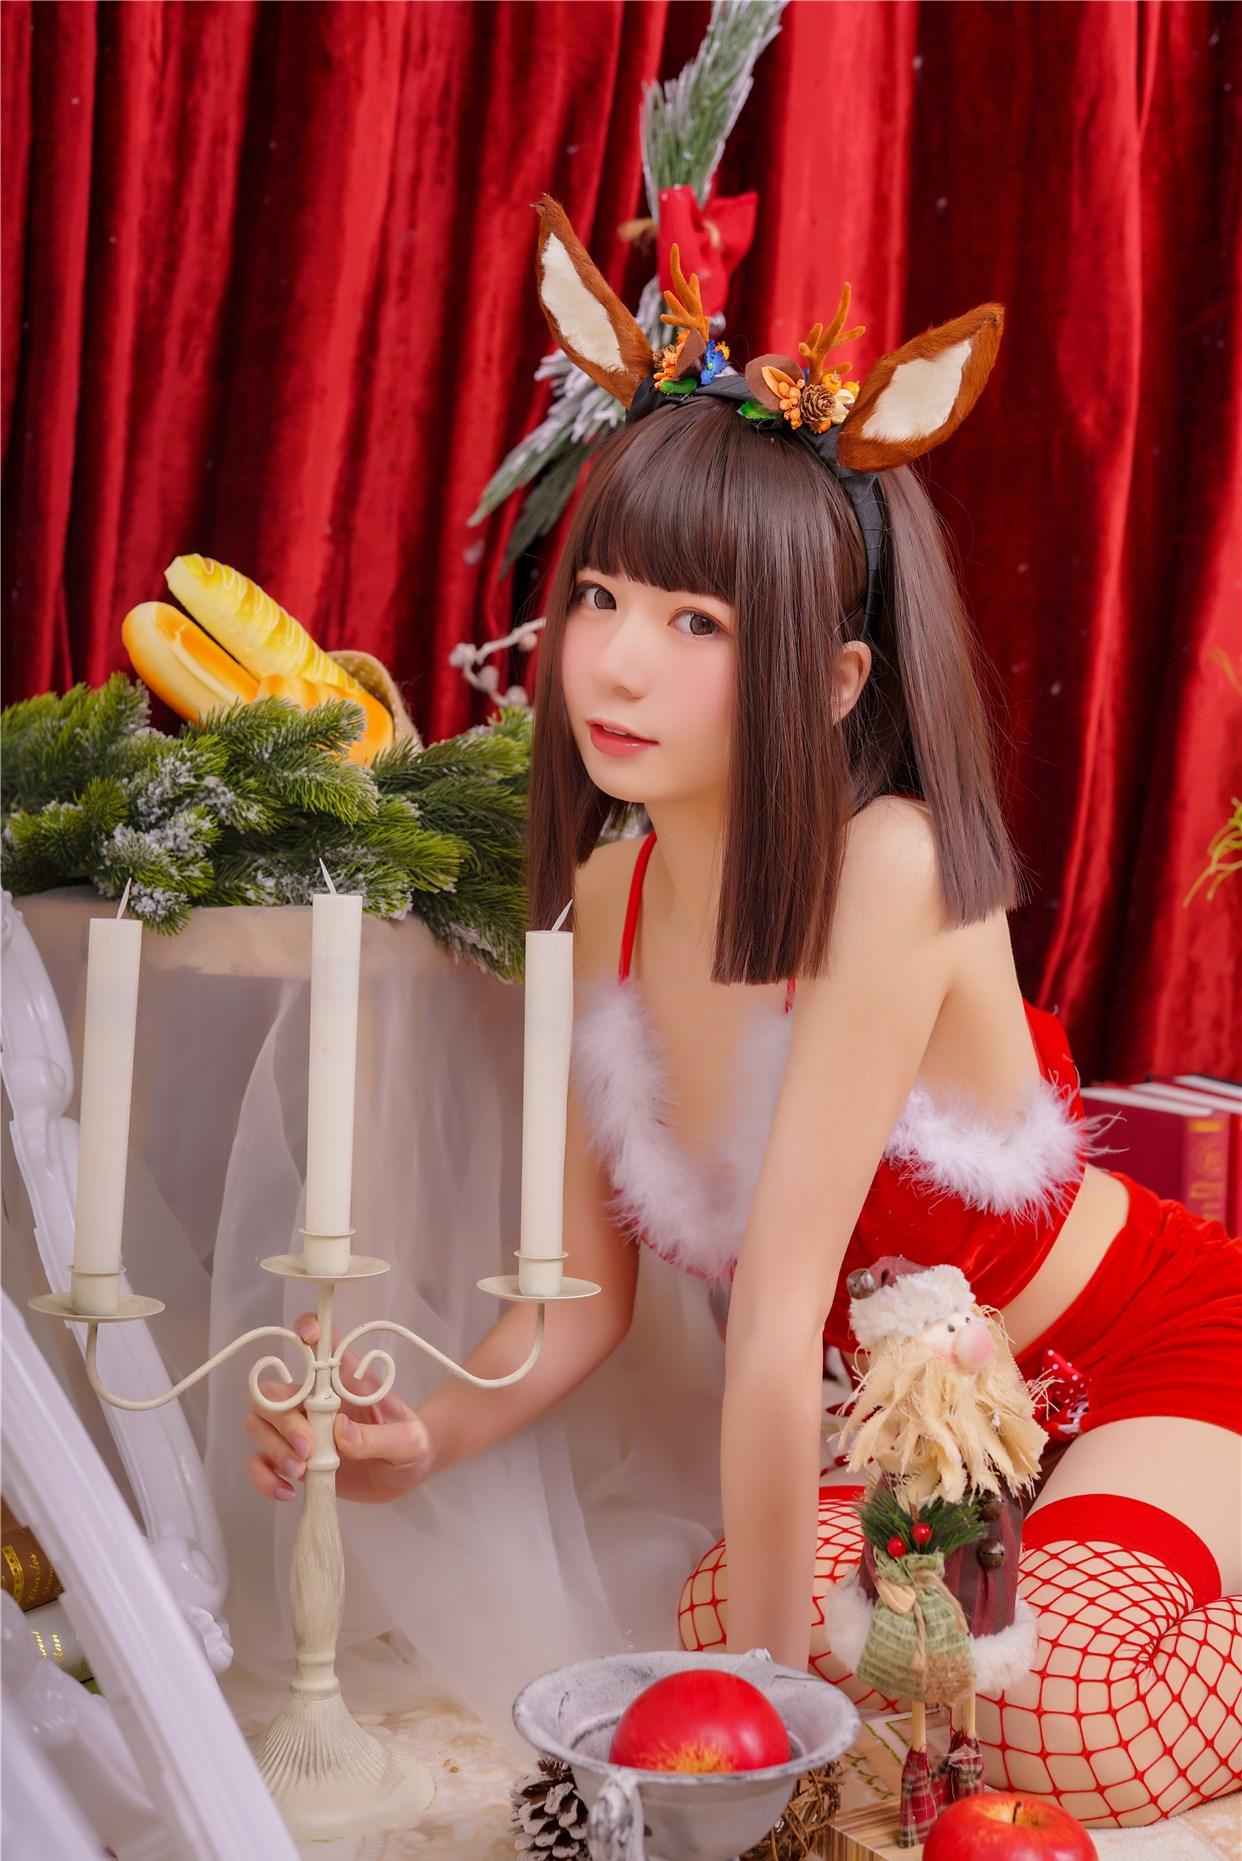 【兔玩映画】甜甜的小麋鹿 兔玩映画 第25张